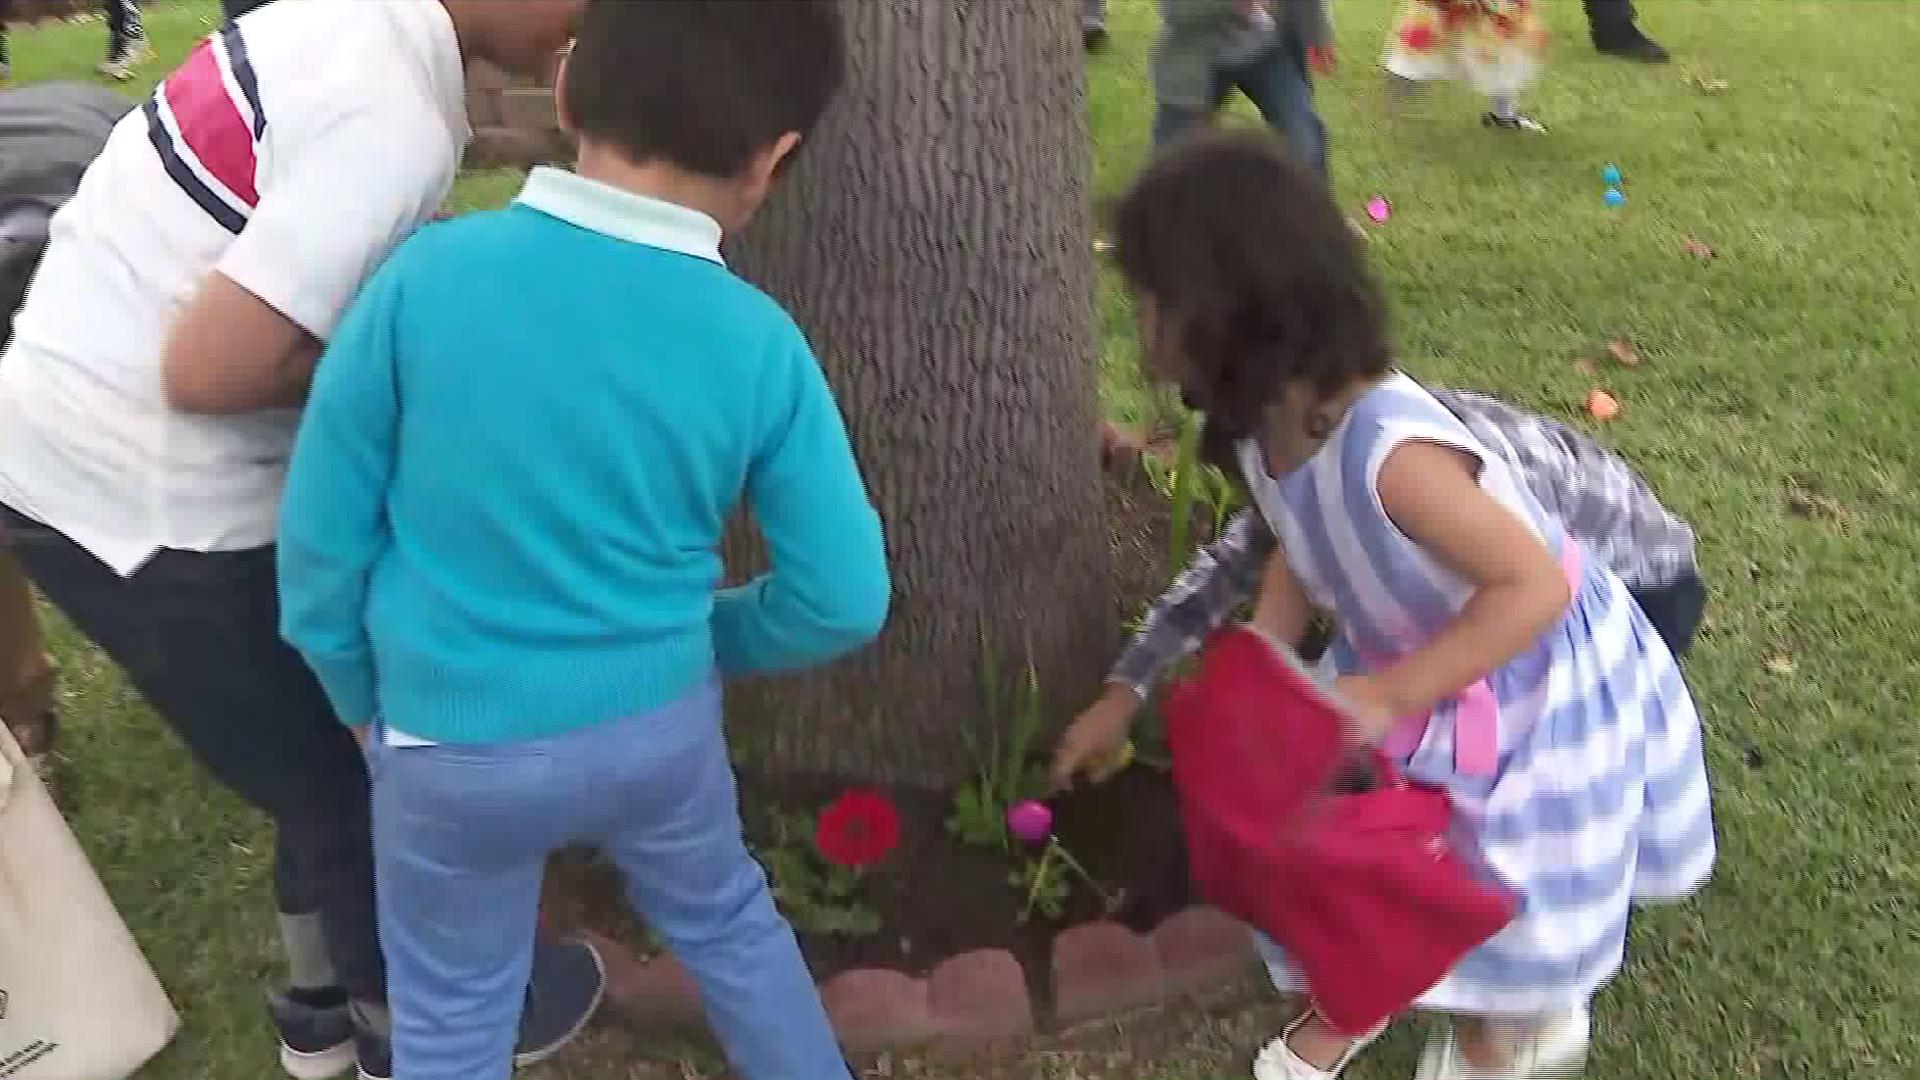 Children participate in an Easter egg hunt in Alhambra on April 1, 2018. (Credit: KTLA)